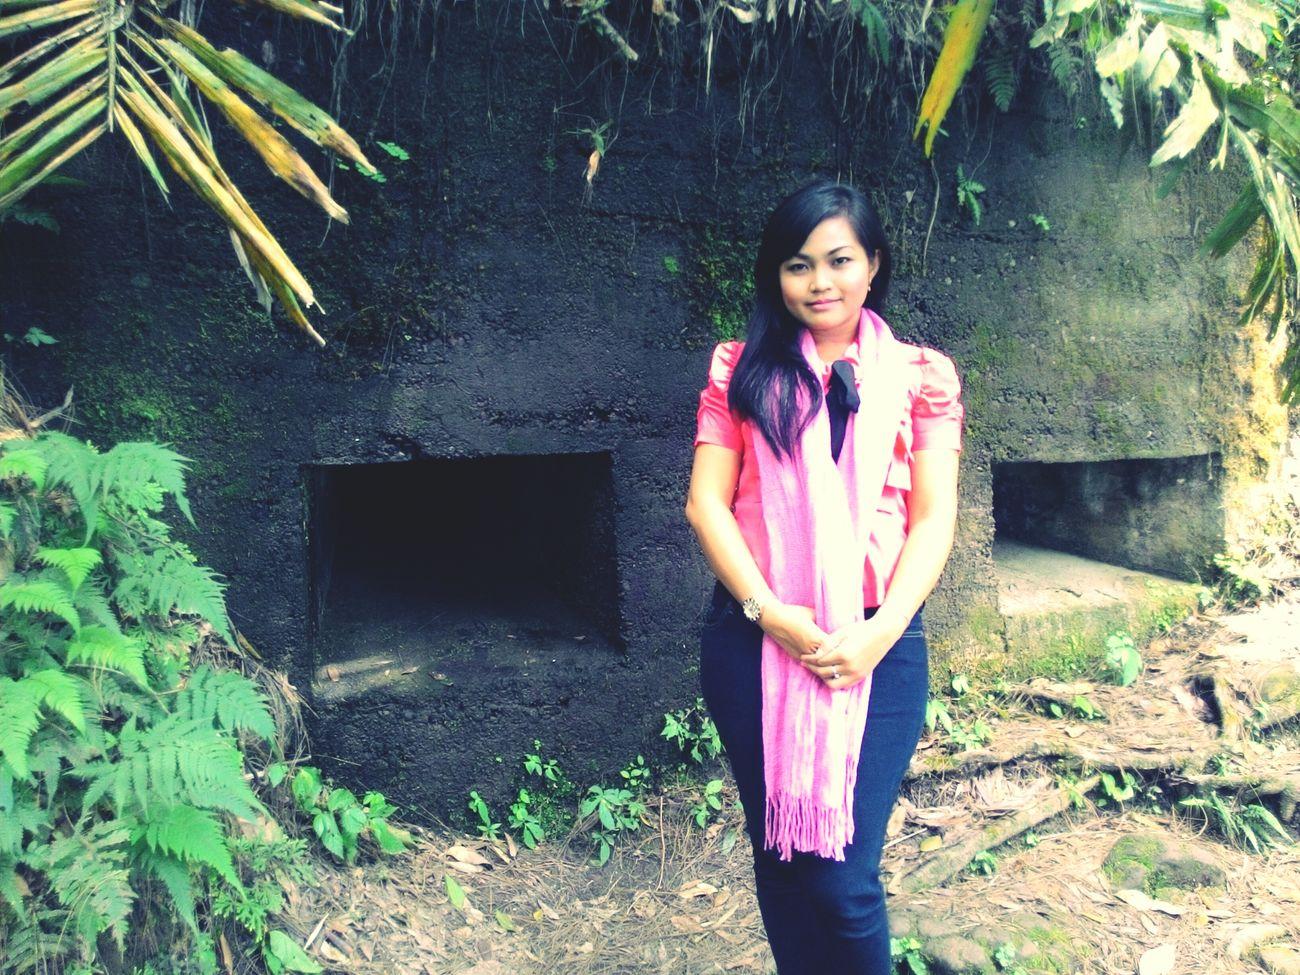 @ Japan Cave, Kaliurang